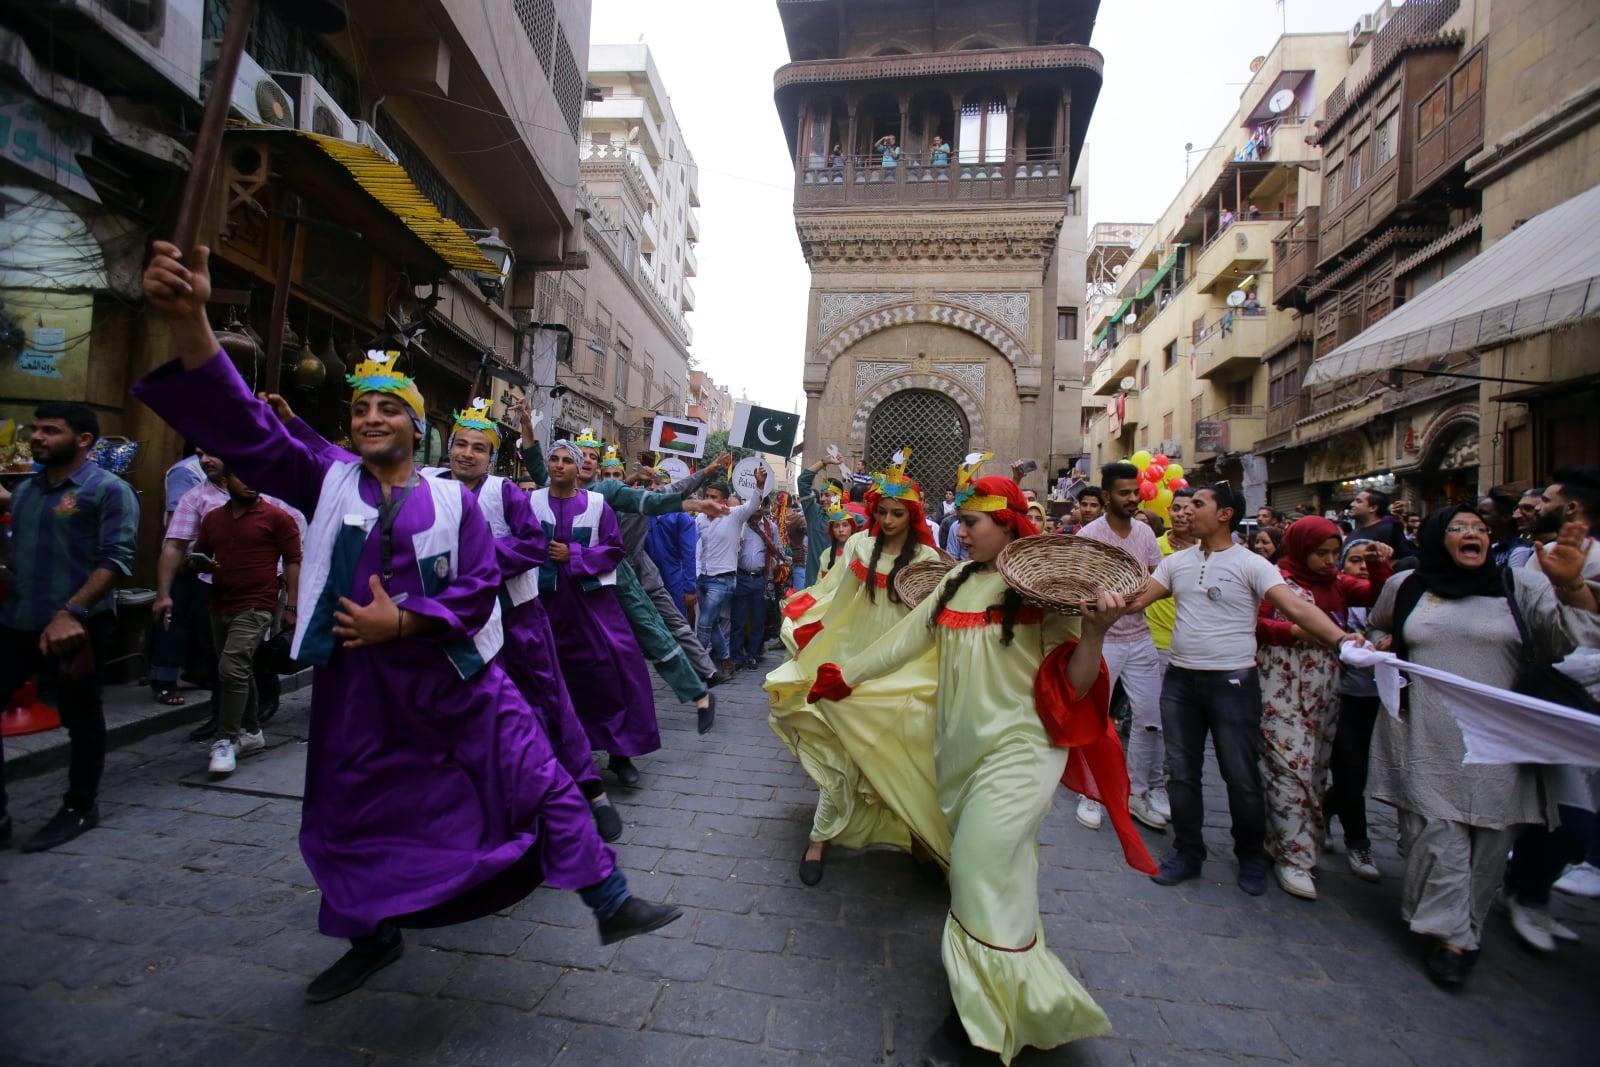 Międzynarodowy Festiwal Bębnów w Kairze fot. EPA/KHALED ELFIQI